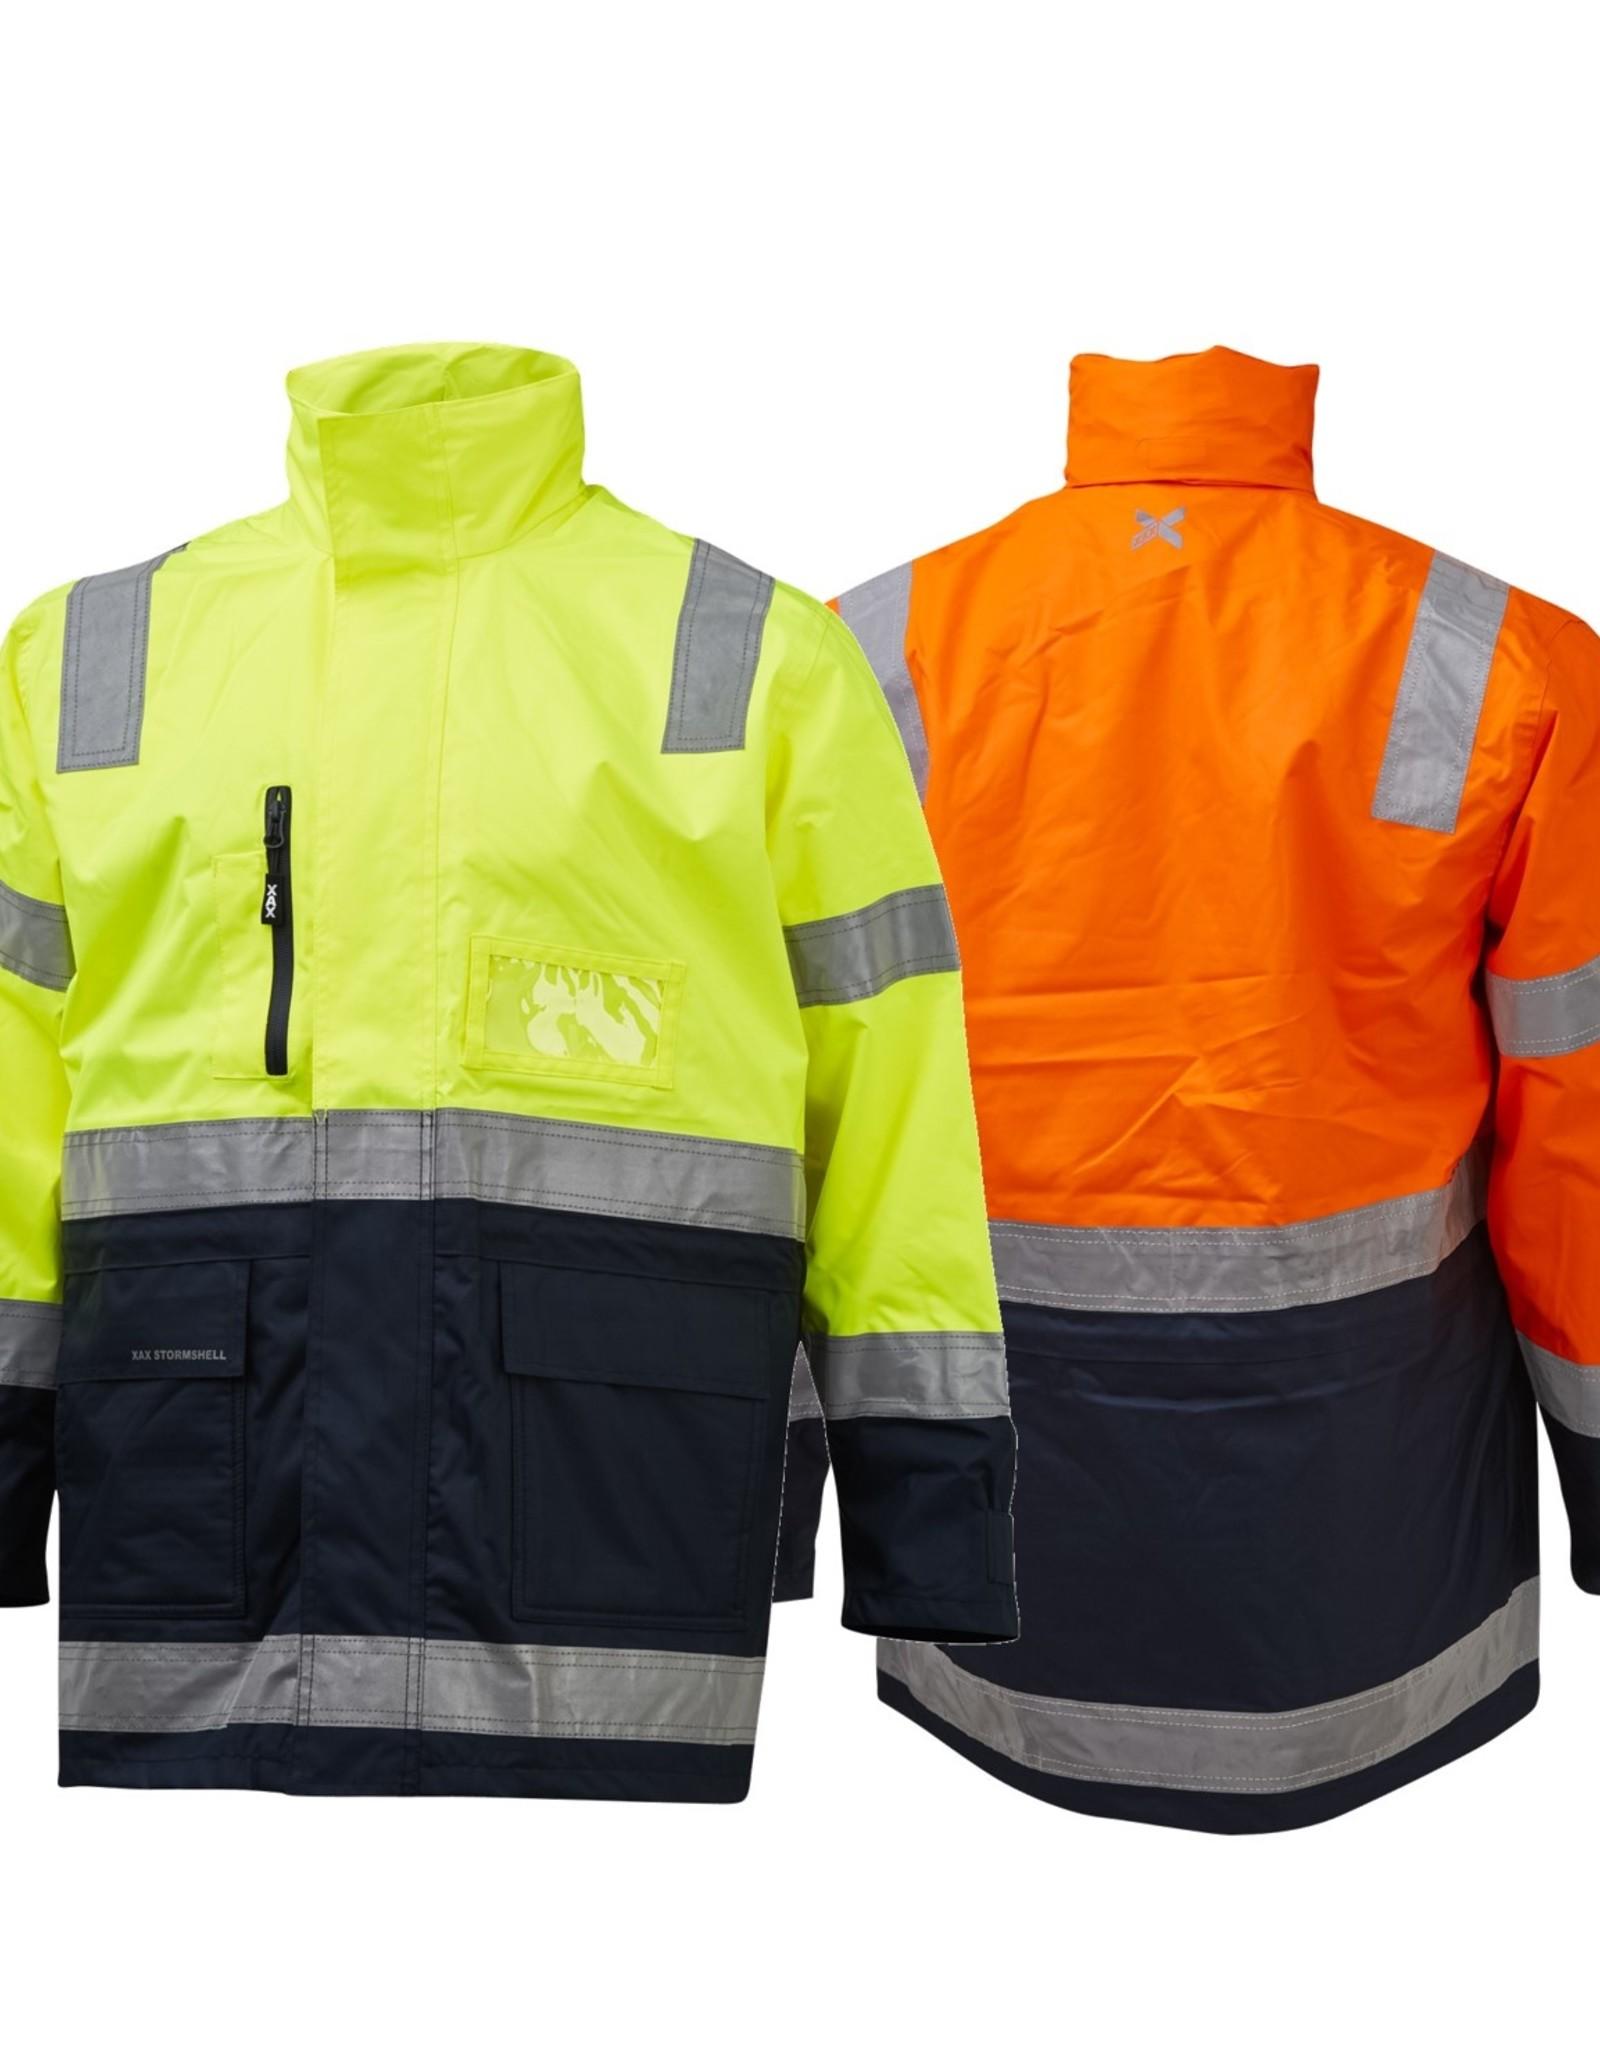 XAX XAX Stormshell 3/4 Length Waterproof Taped Hi Vis Jacket